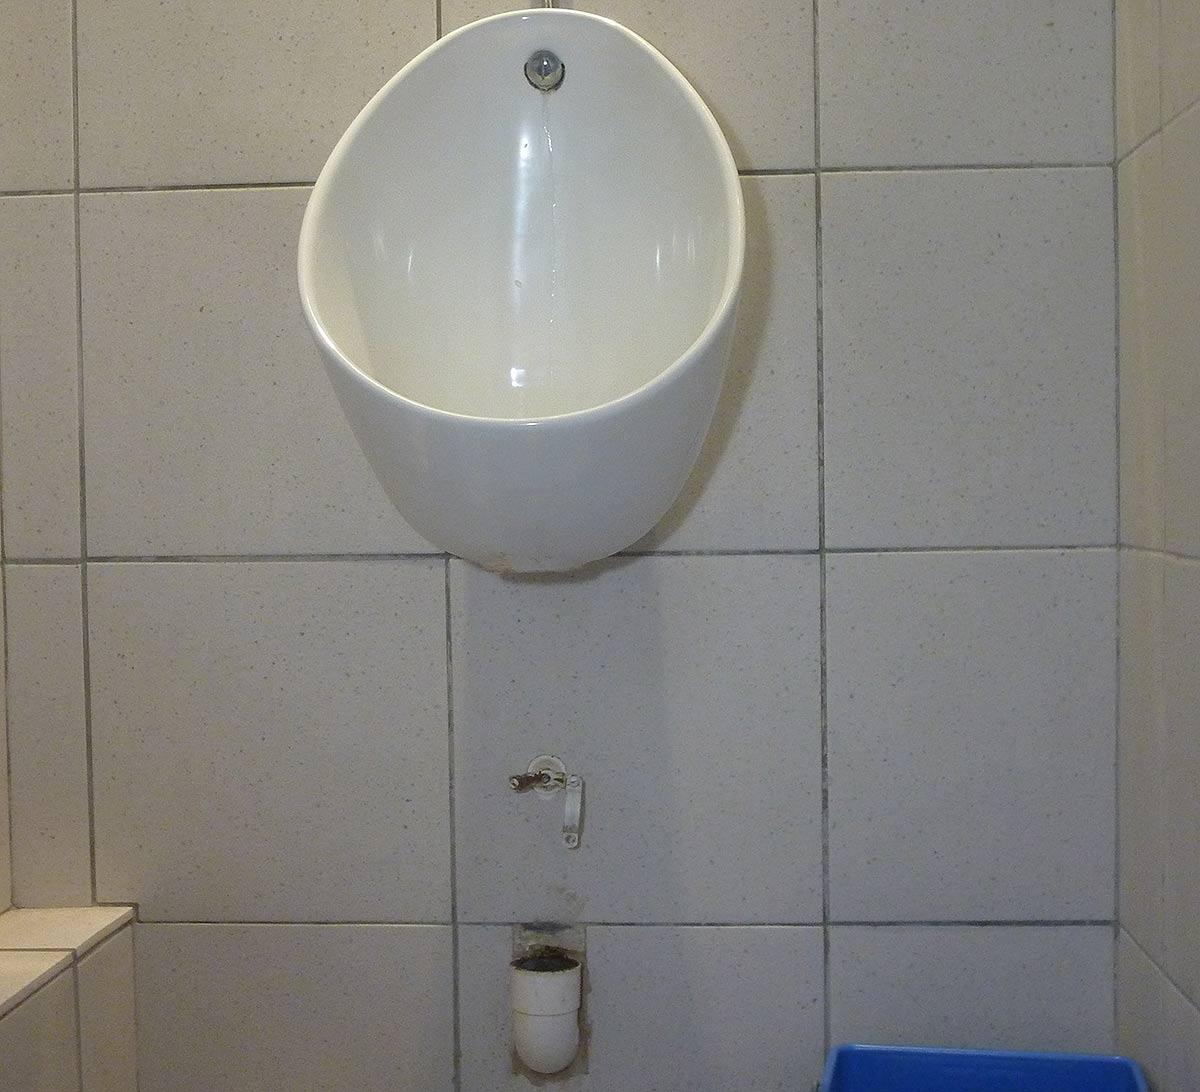 Les urinoirs ont eux aussi leur problème de vidange